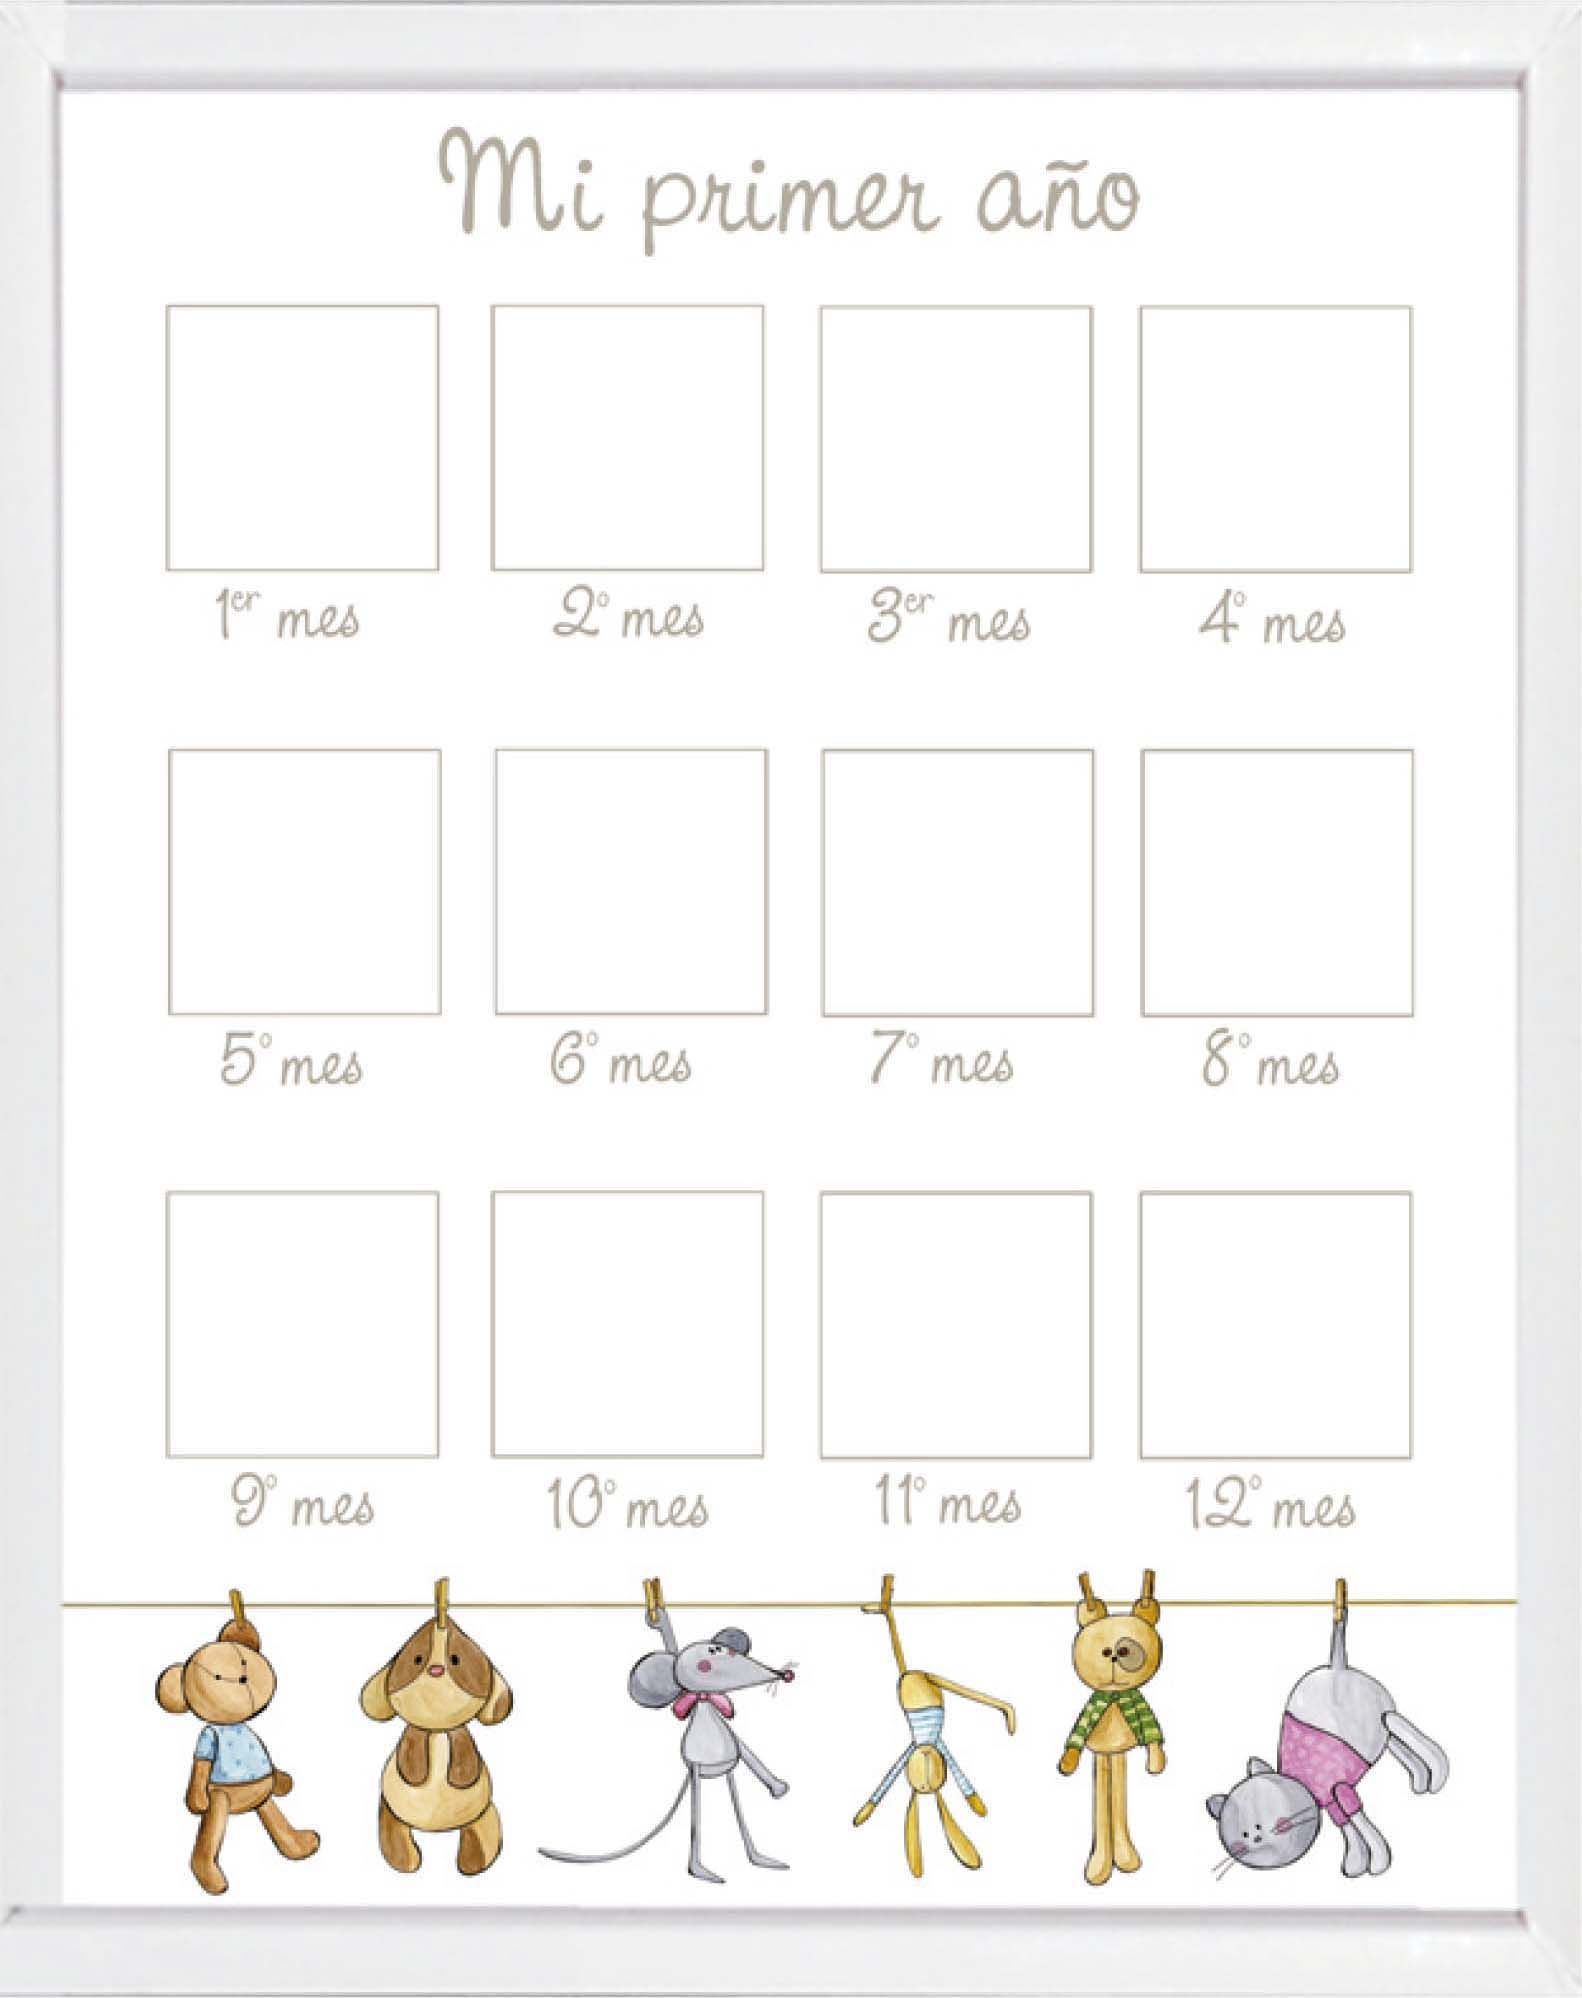 Cuadro fotos Primer año http://www.childrenandhome.es/es/regalos-nacimiento